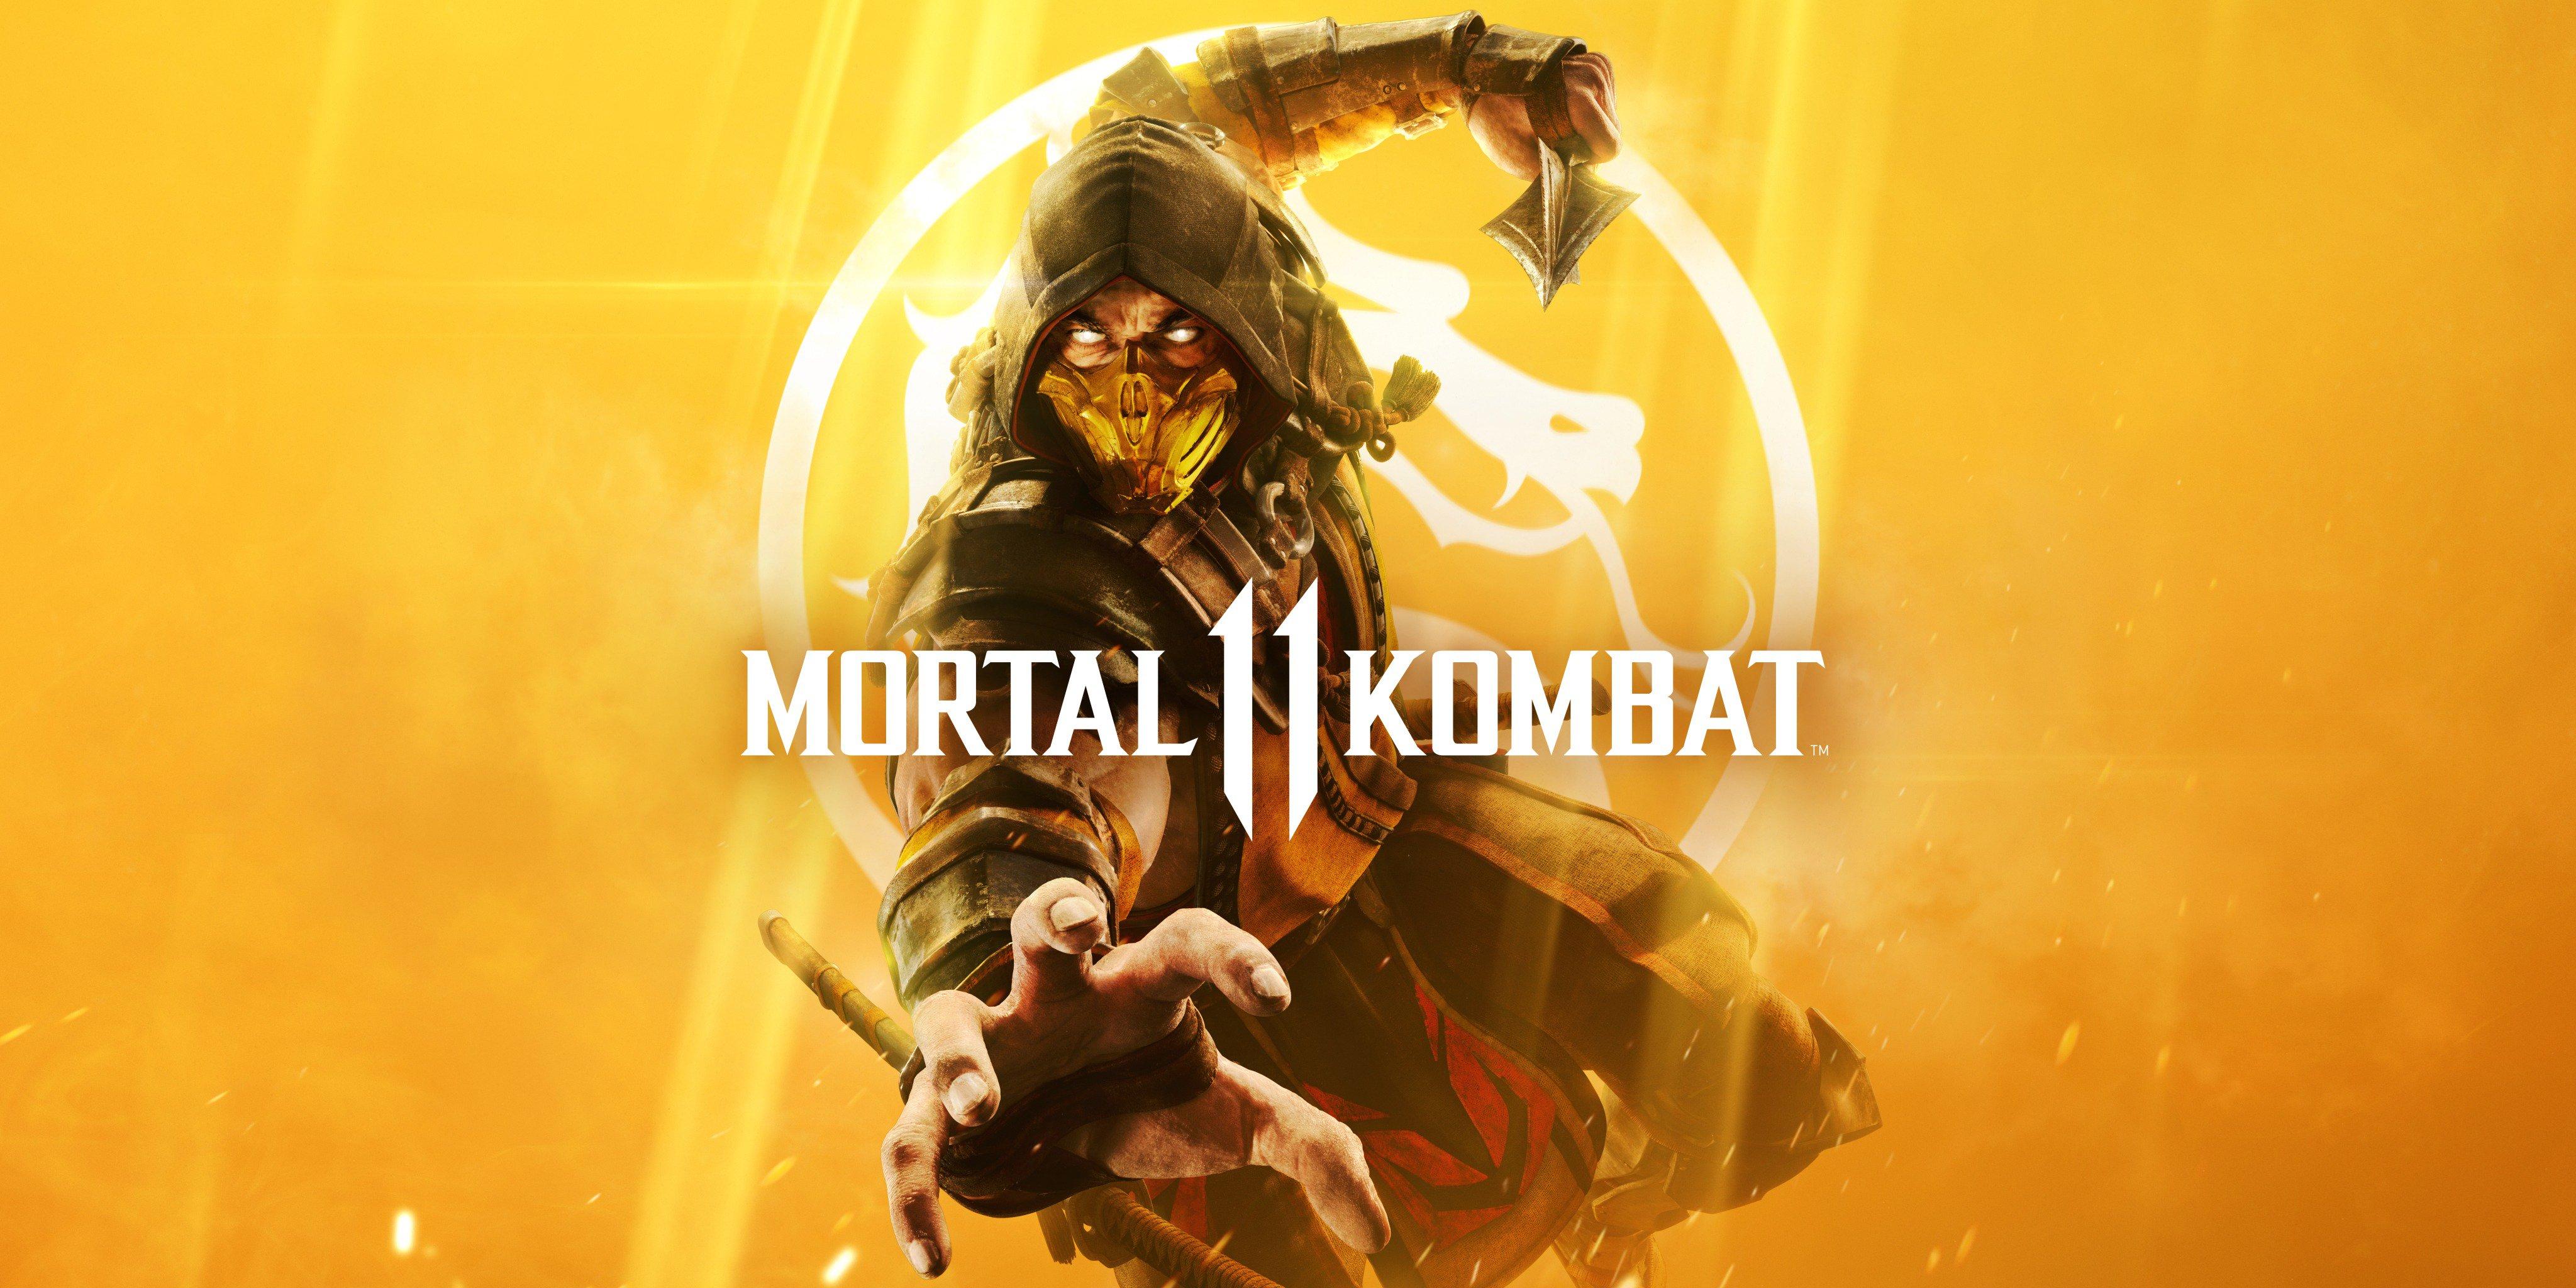 mortal kombat 11 wallpaper liu kang